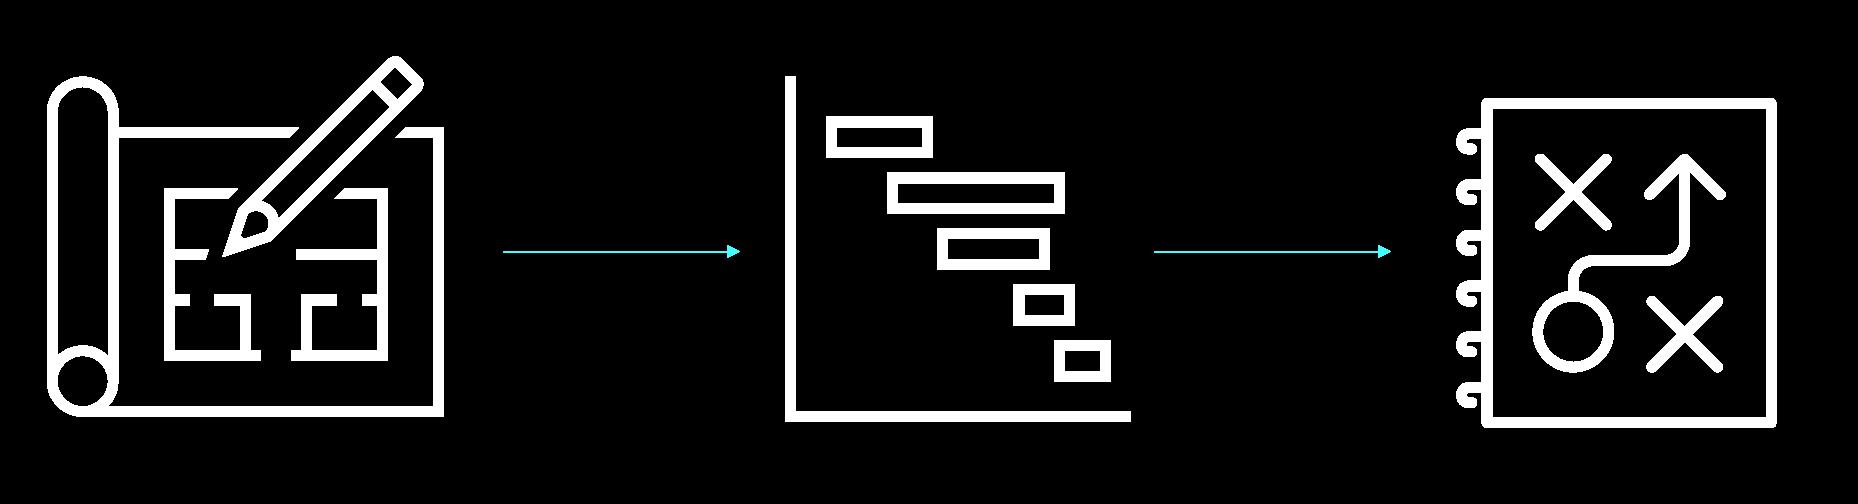 Cloud Enablement - Design